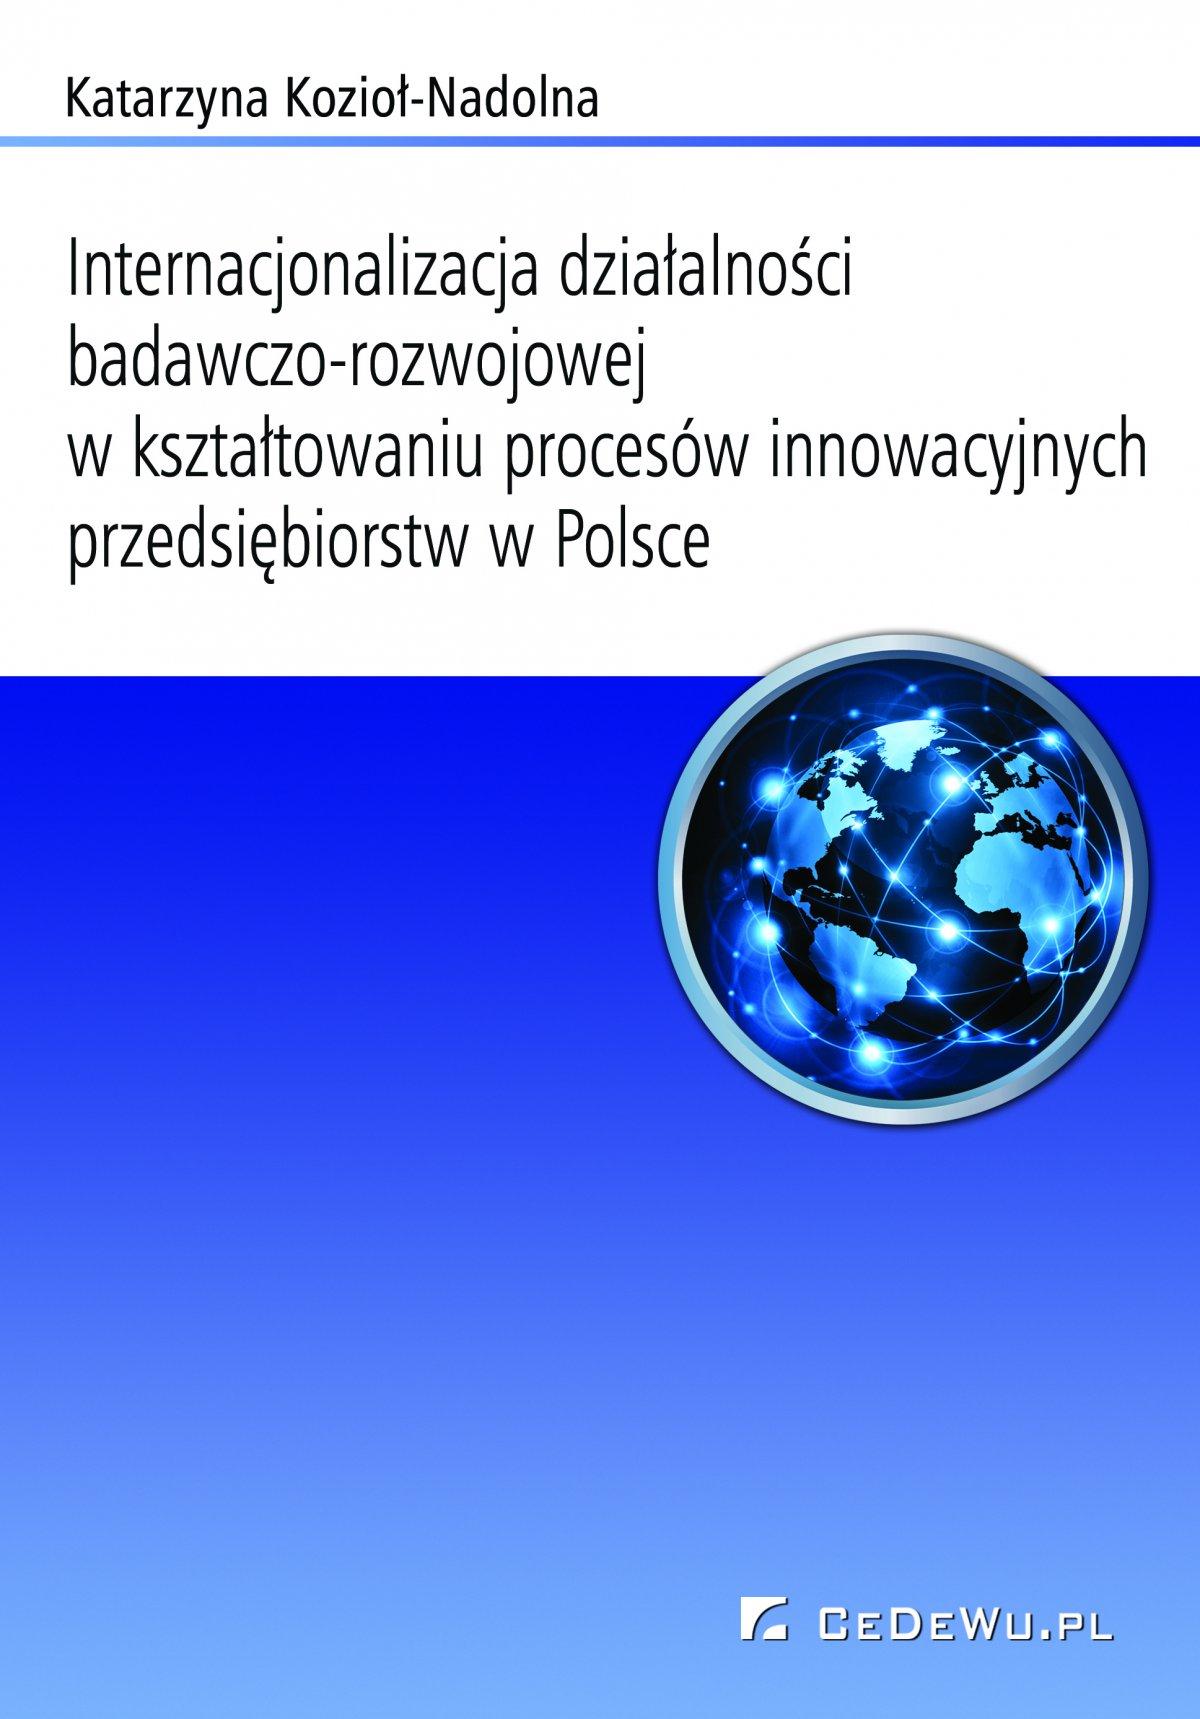 Internacjonalizacja działalności badawczo-rozwojowej w kształtowaniu procesów innowacyjnych przedsiębiorstw w Polsce. Rozdział 2. Teoretyczne podstawy internacjonalizacji działalności badawczo-rozwojowej - Ebook (Książka PDF) do pobrania w formacie PDF